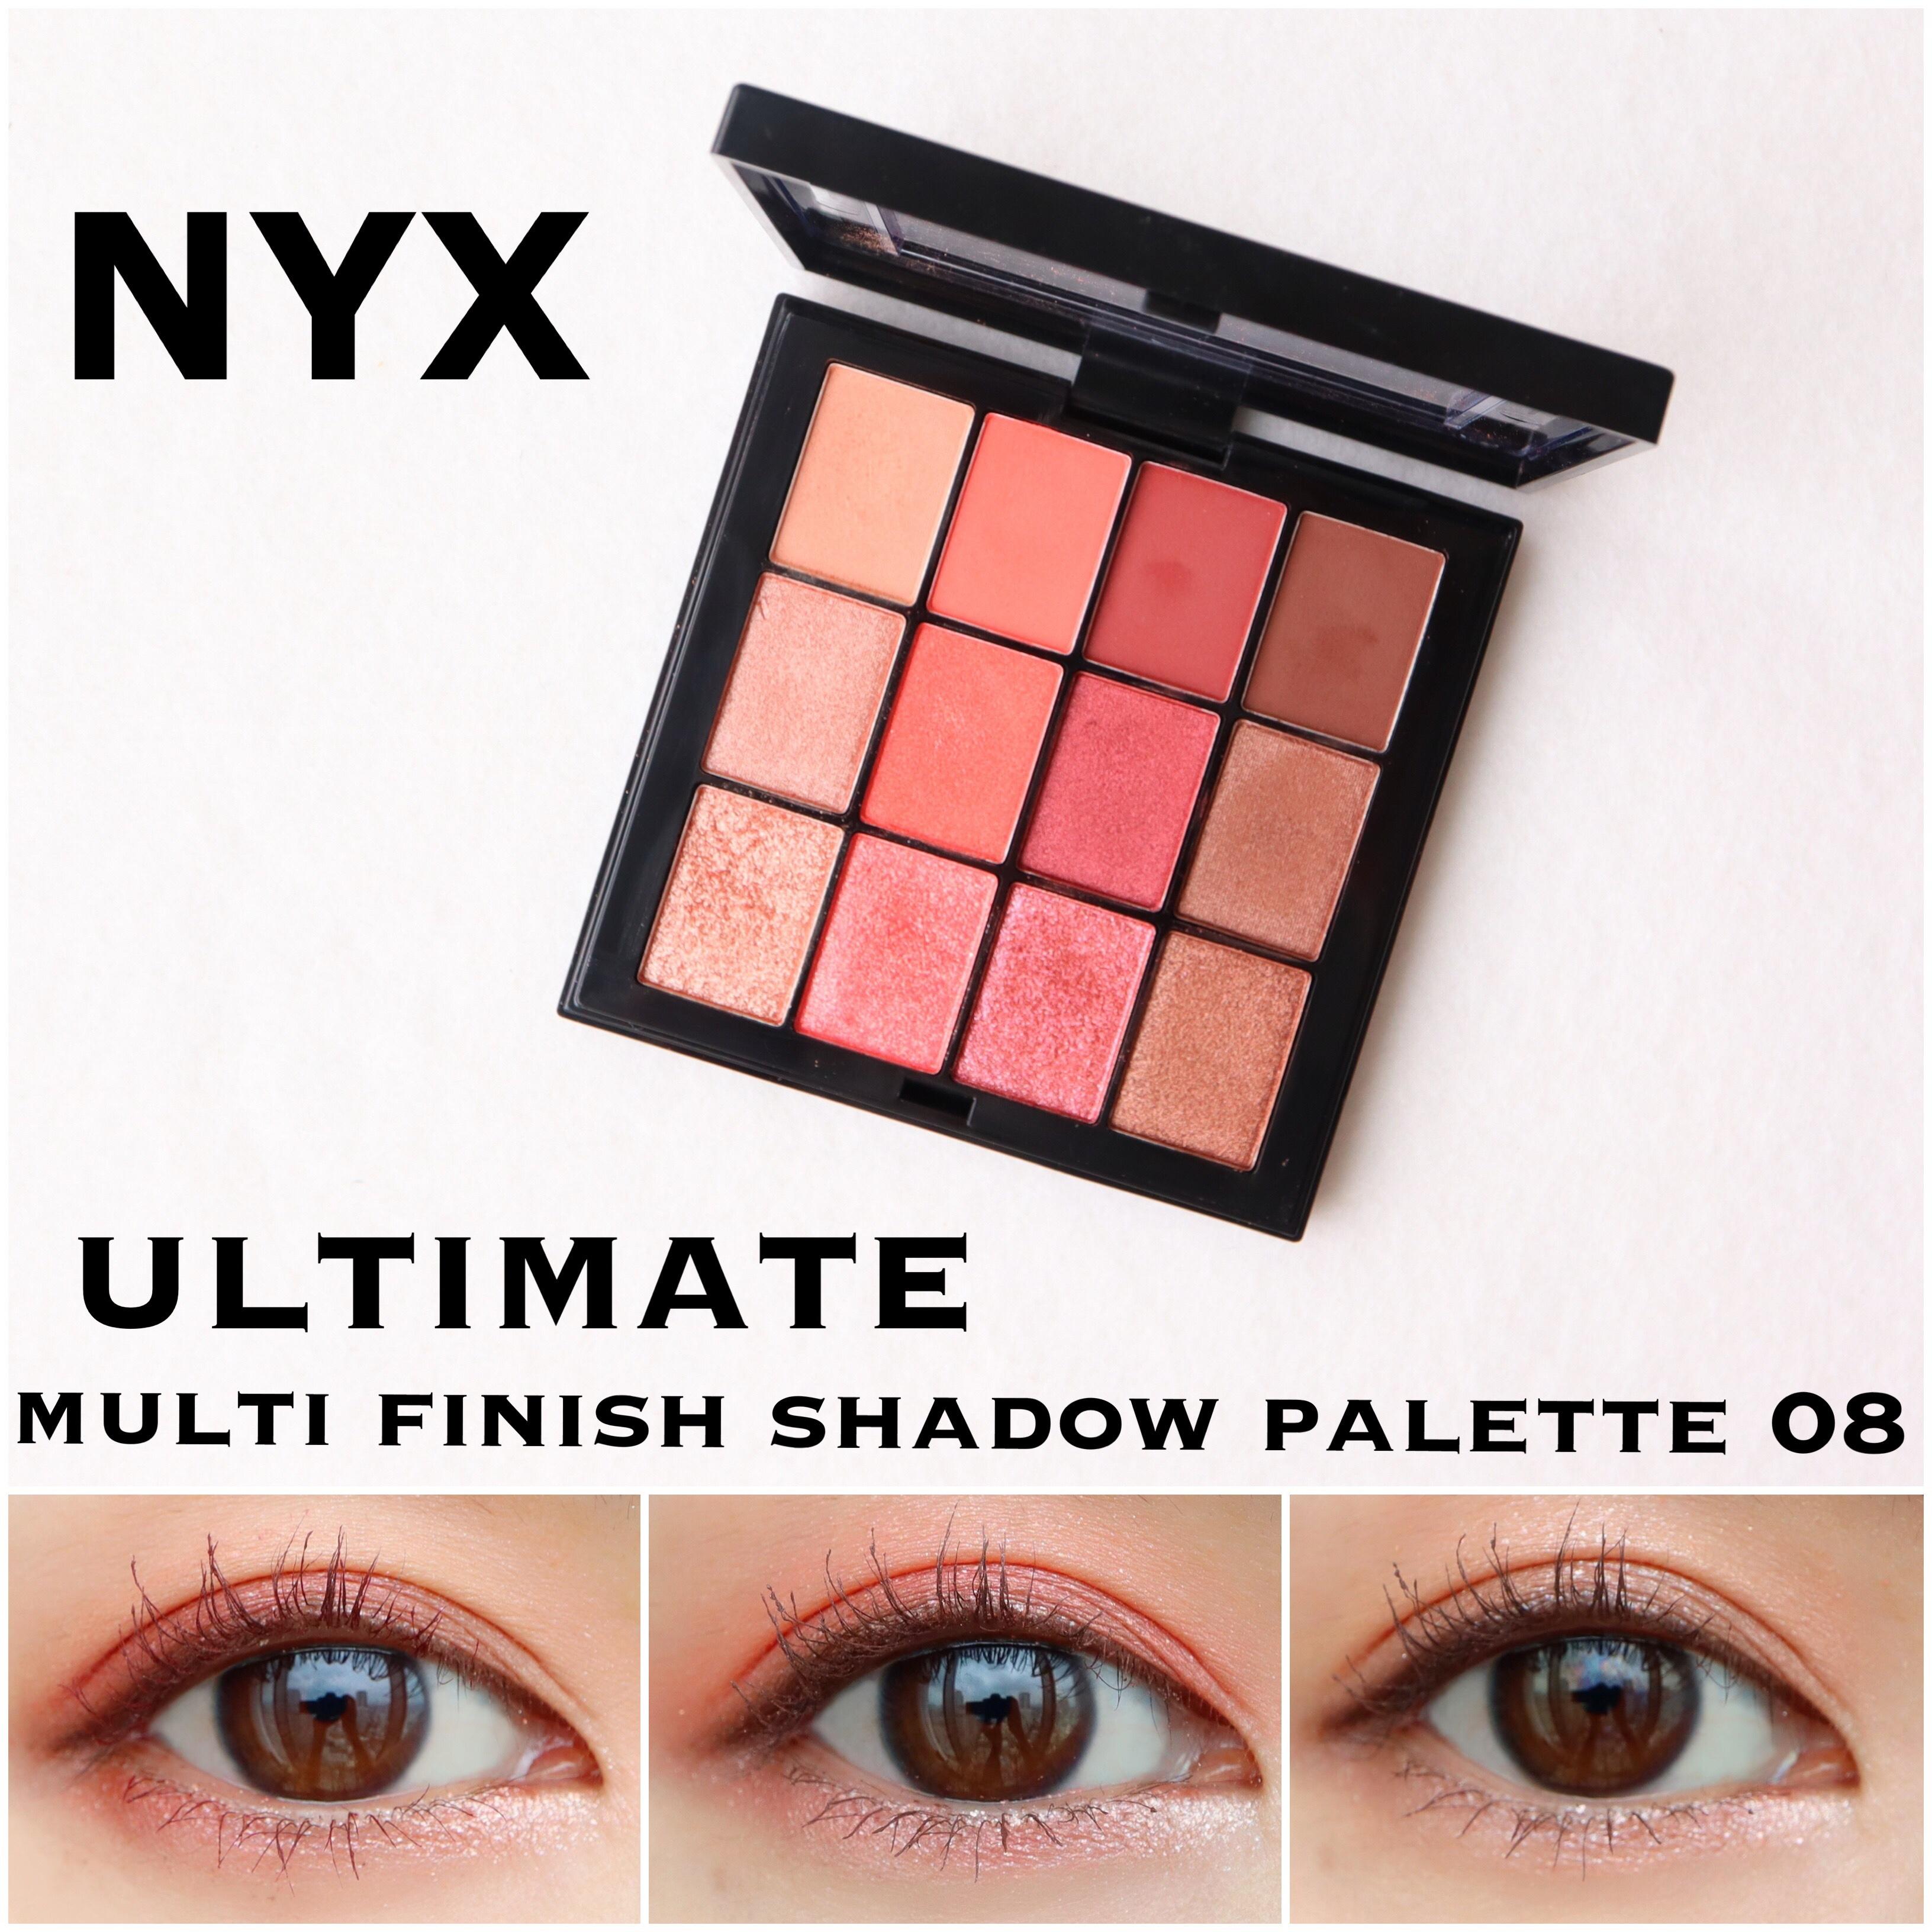 <使い方徹底解説>NYX Professional MakeupのUT シャドウ パレット08が最高に可愛い!